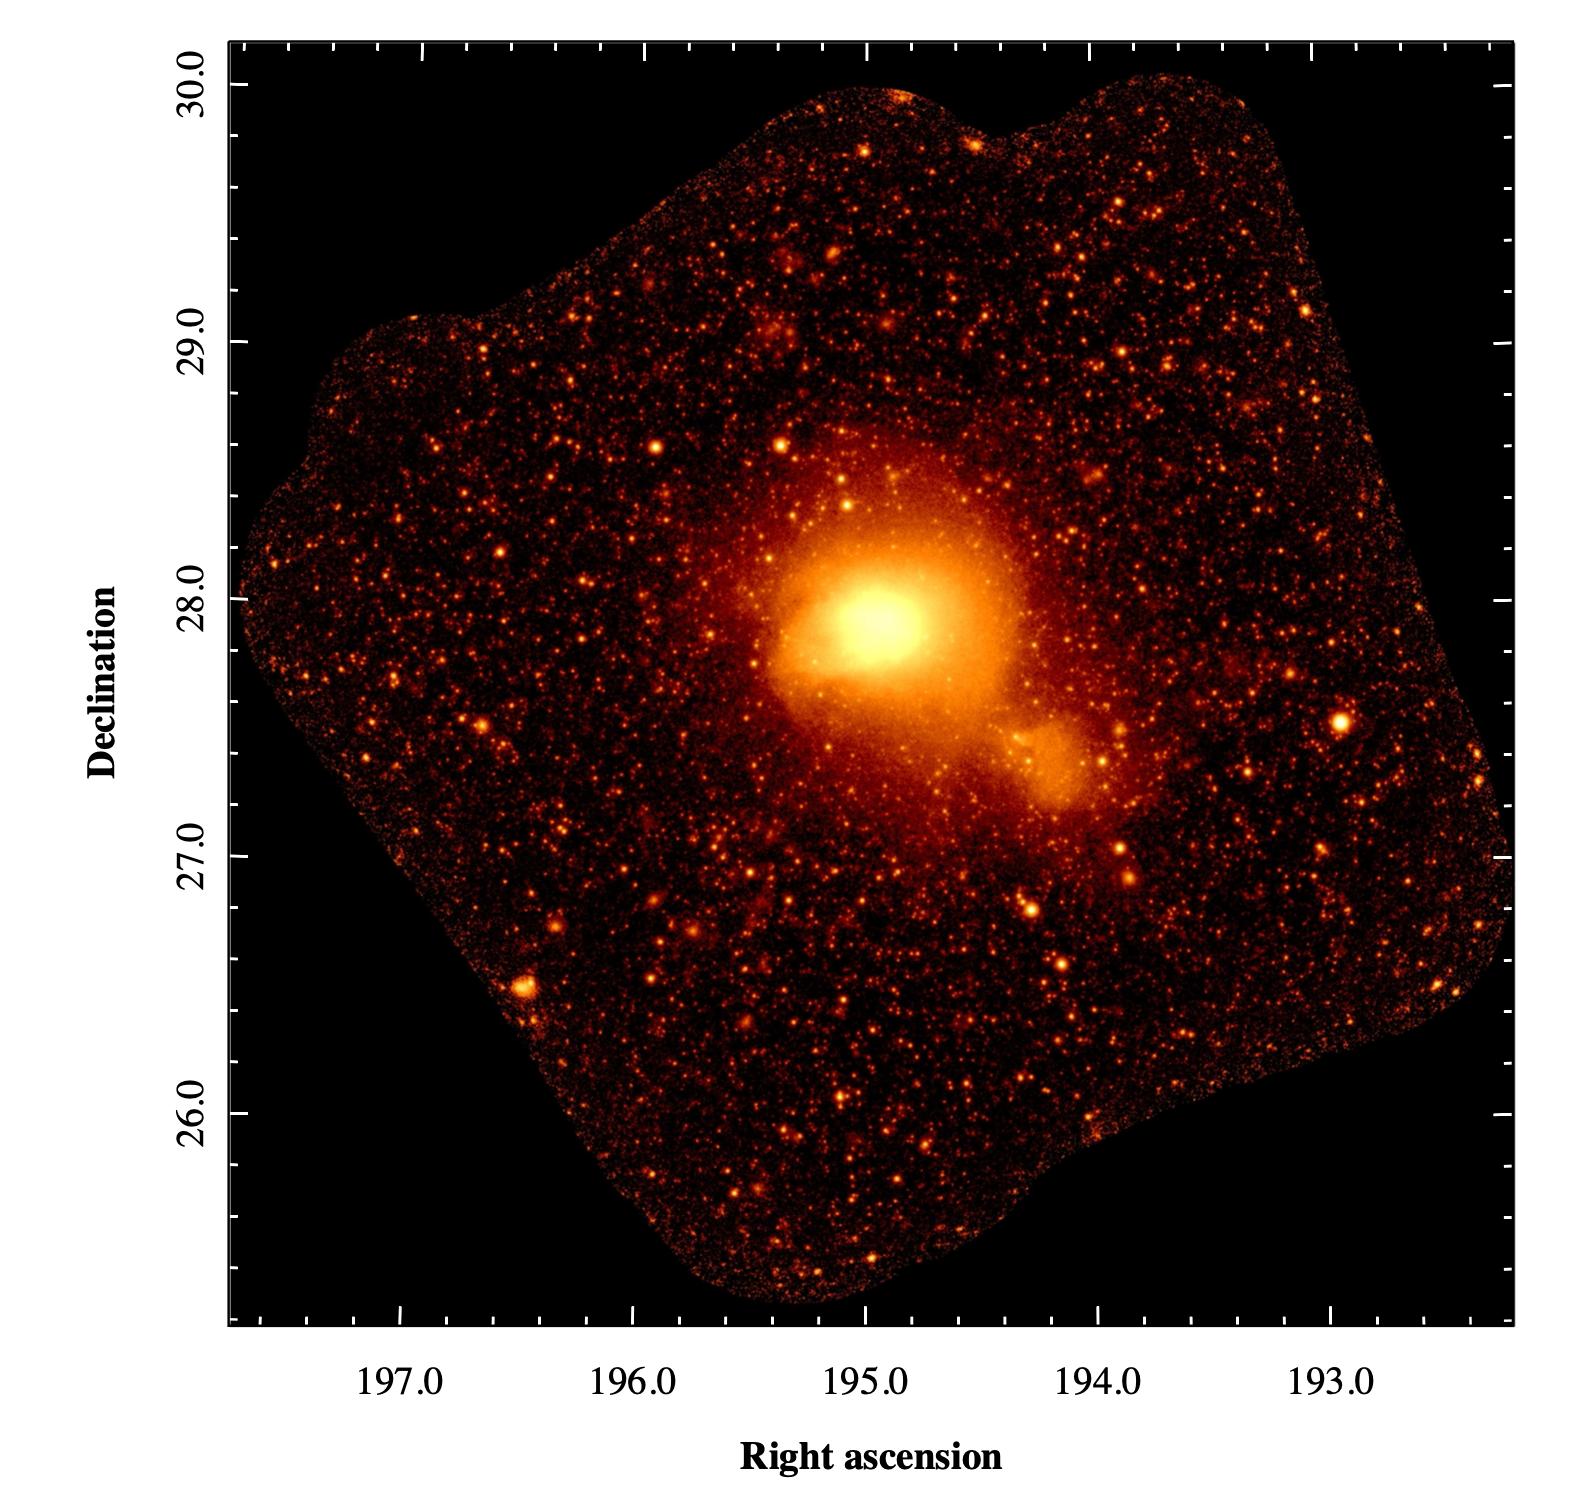 Рис. 2 Рентгеновское изображение скопления галактик Кома в диапазоне 0.4 — 2 кэВ, полученное при помощи телескопа СРГ/eROSITA (с) Российский консорциум СРГ/еРОЗИТА, 2021